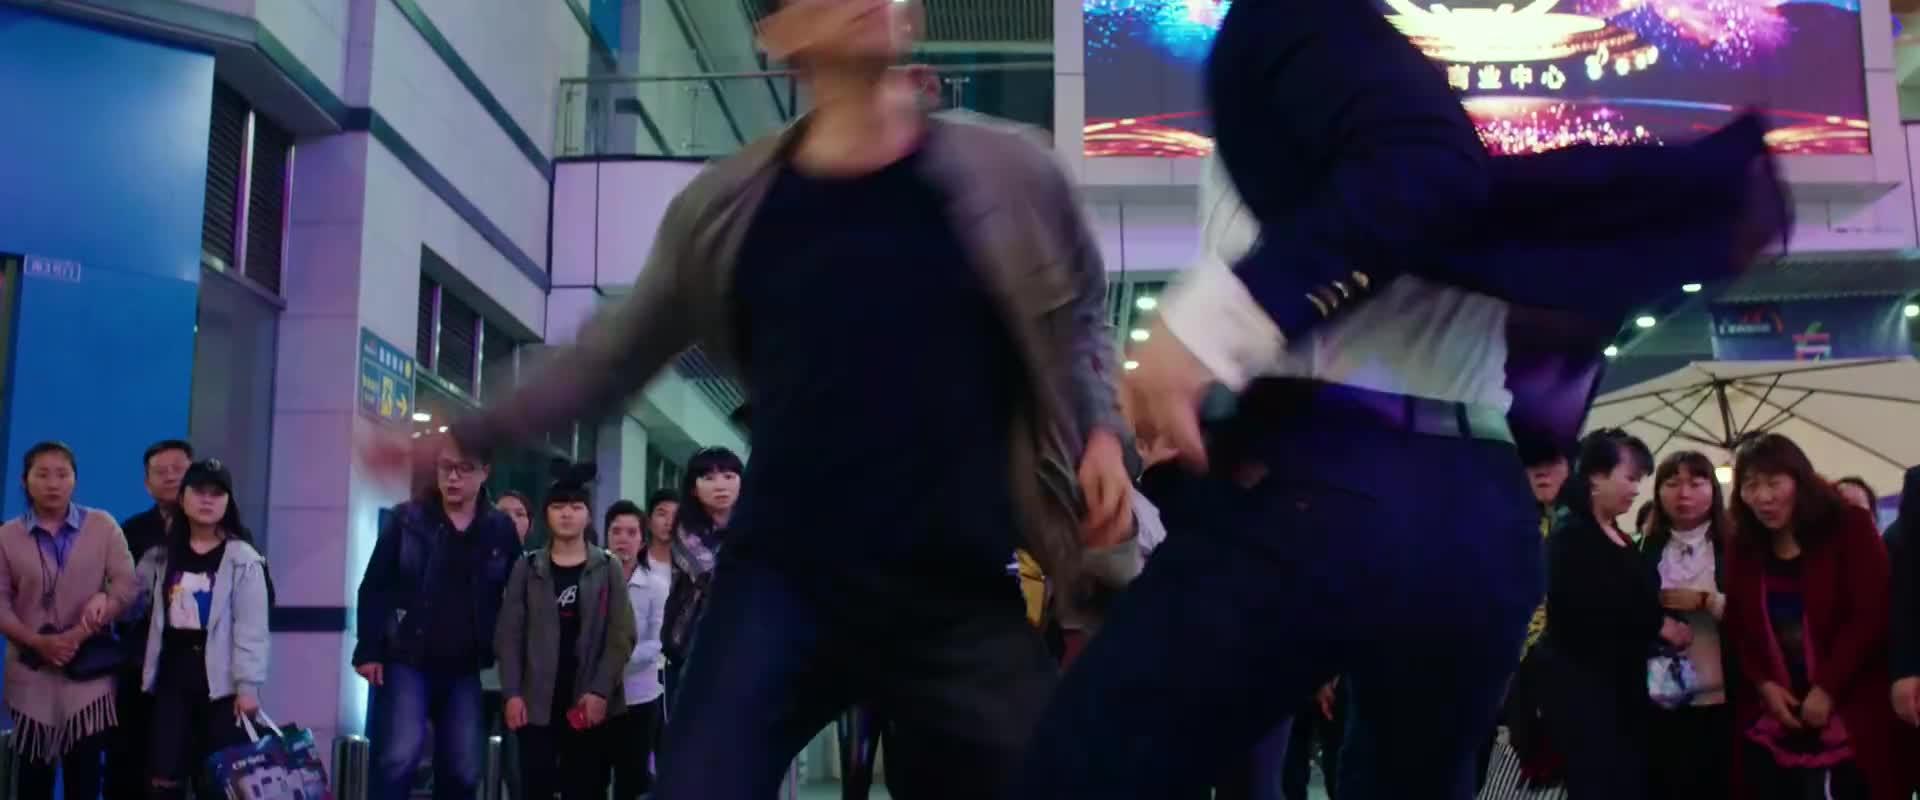 警察和富二代在商场内单打独斗,场面太刺激了,看着都疼